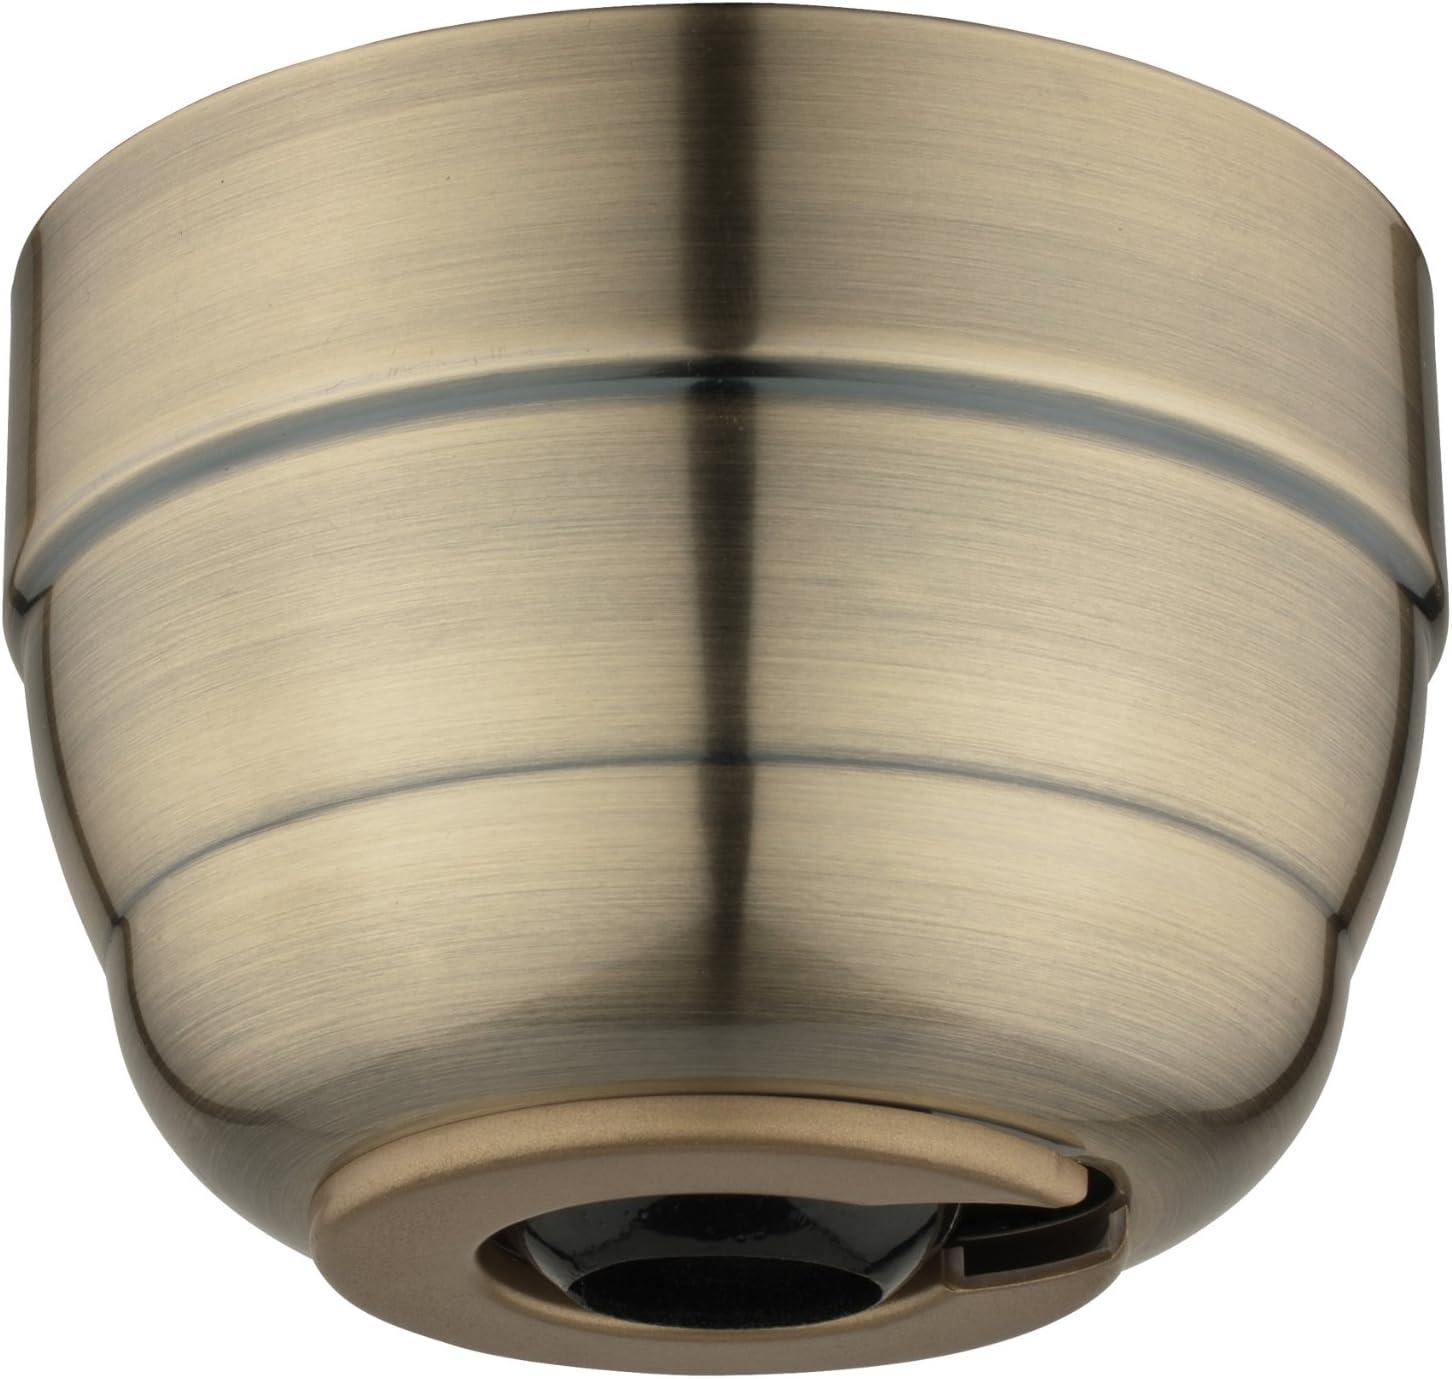 Westinghouse 7003100 45-Degree Canopy Kit Brushed Nickel